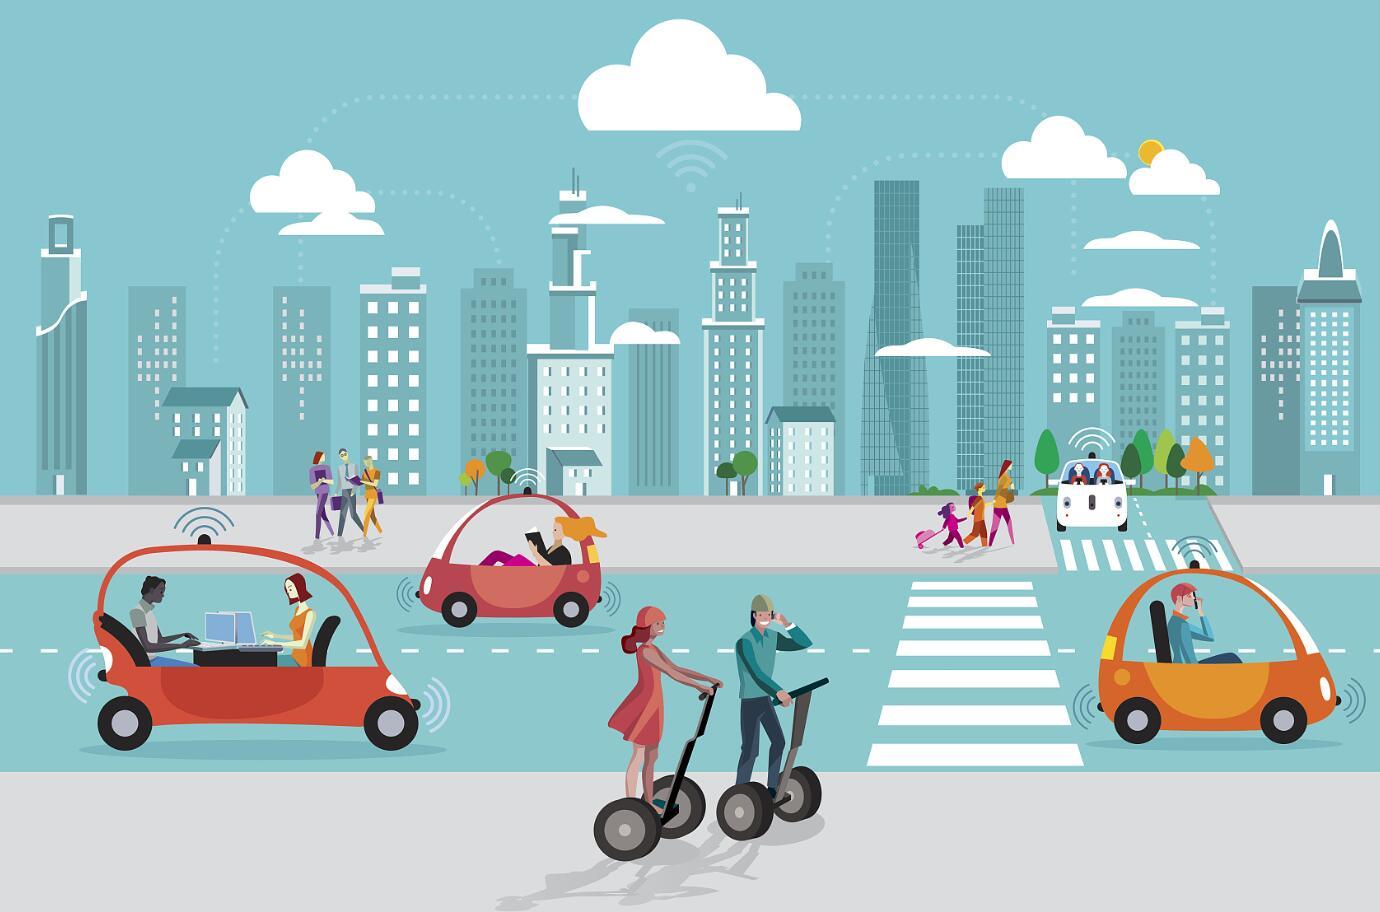 疫情表明,智慧城市的意义不仅仅在于技术